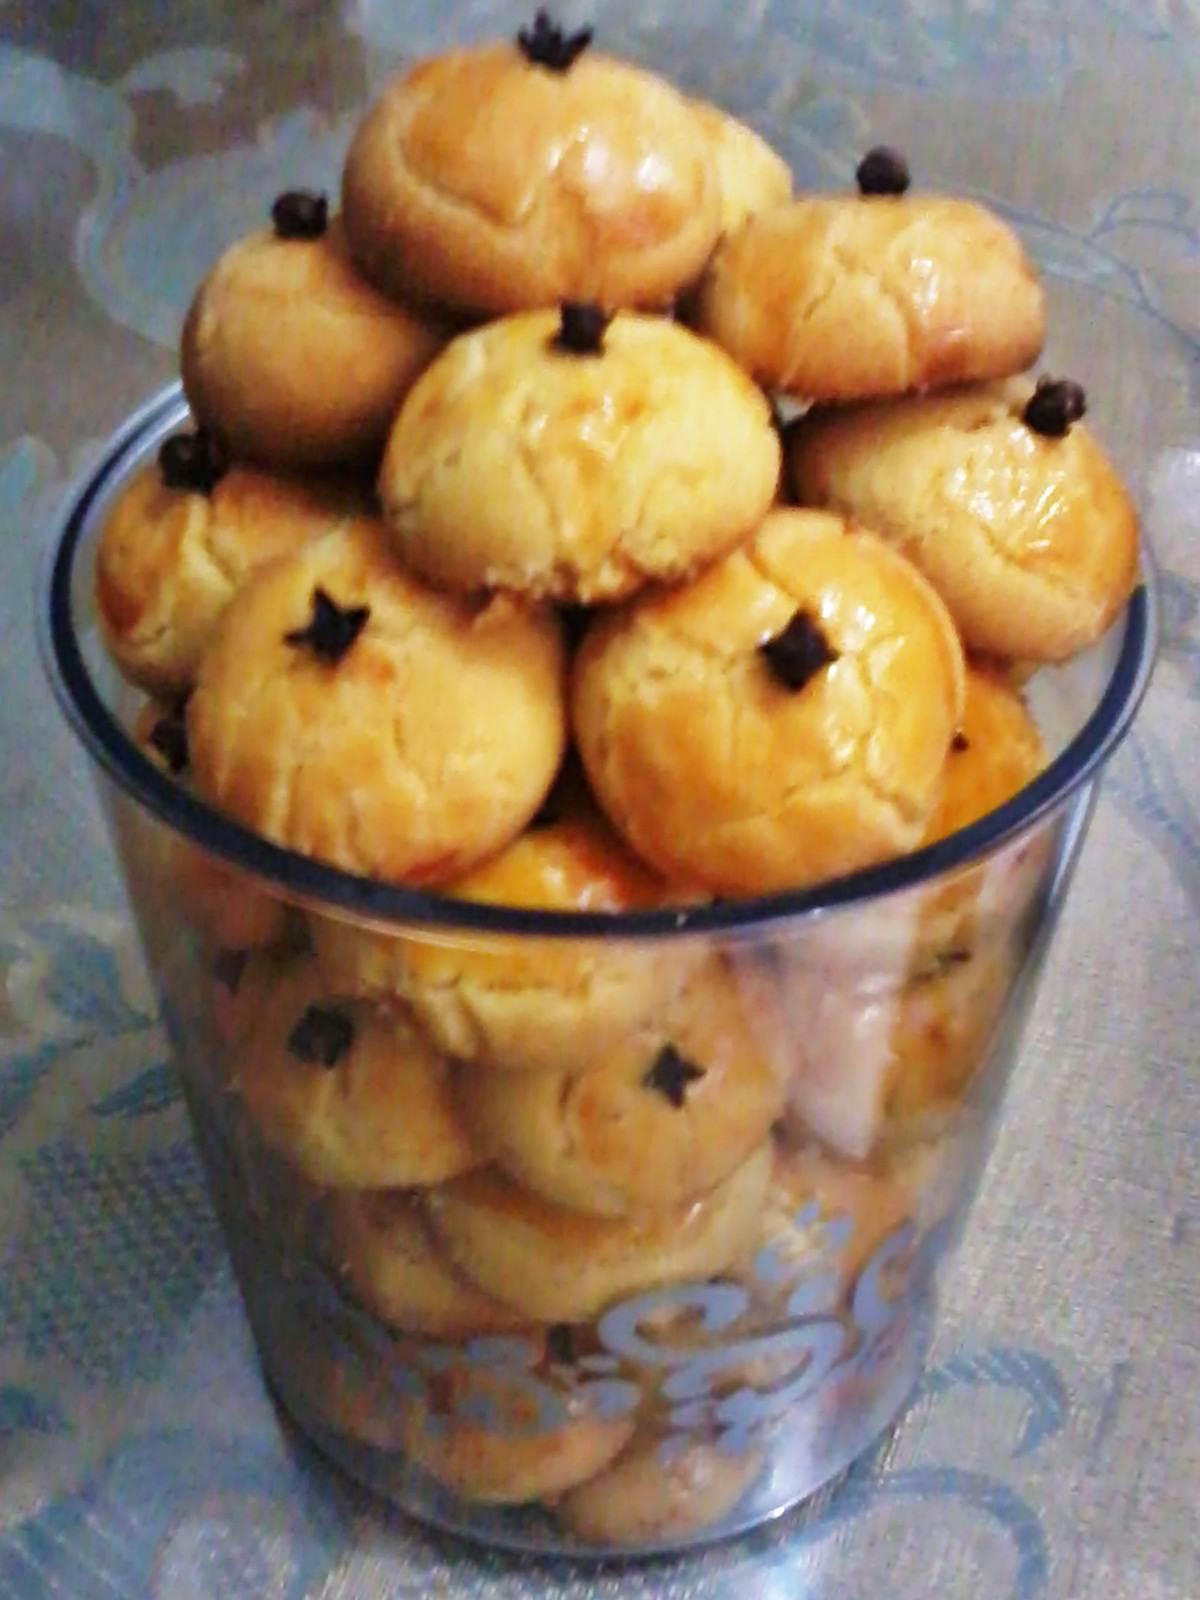 Resep-Kue-Kacang RESEP KUE NASTAR ISI KACANG MOKA 。•*¨*• CARA ...